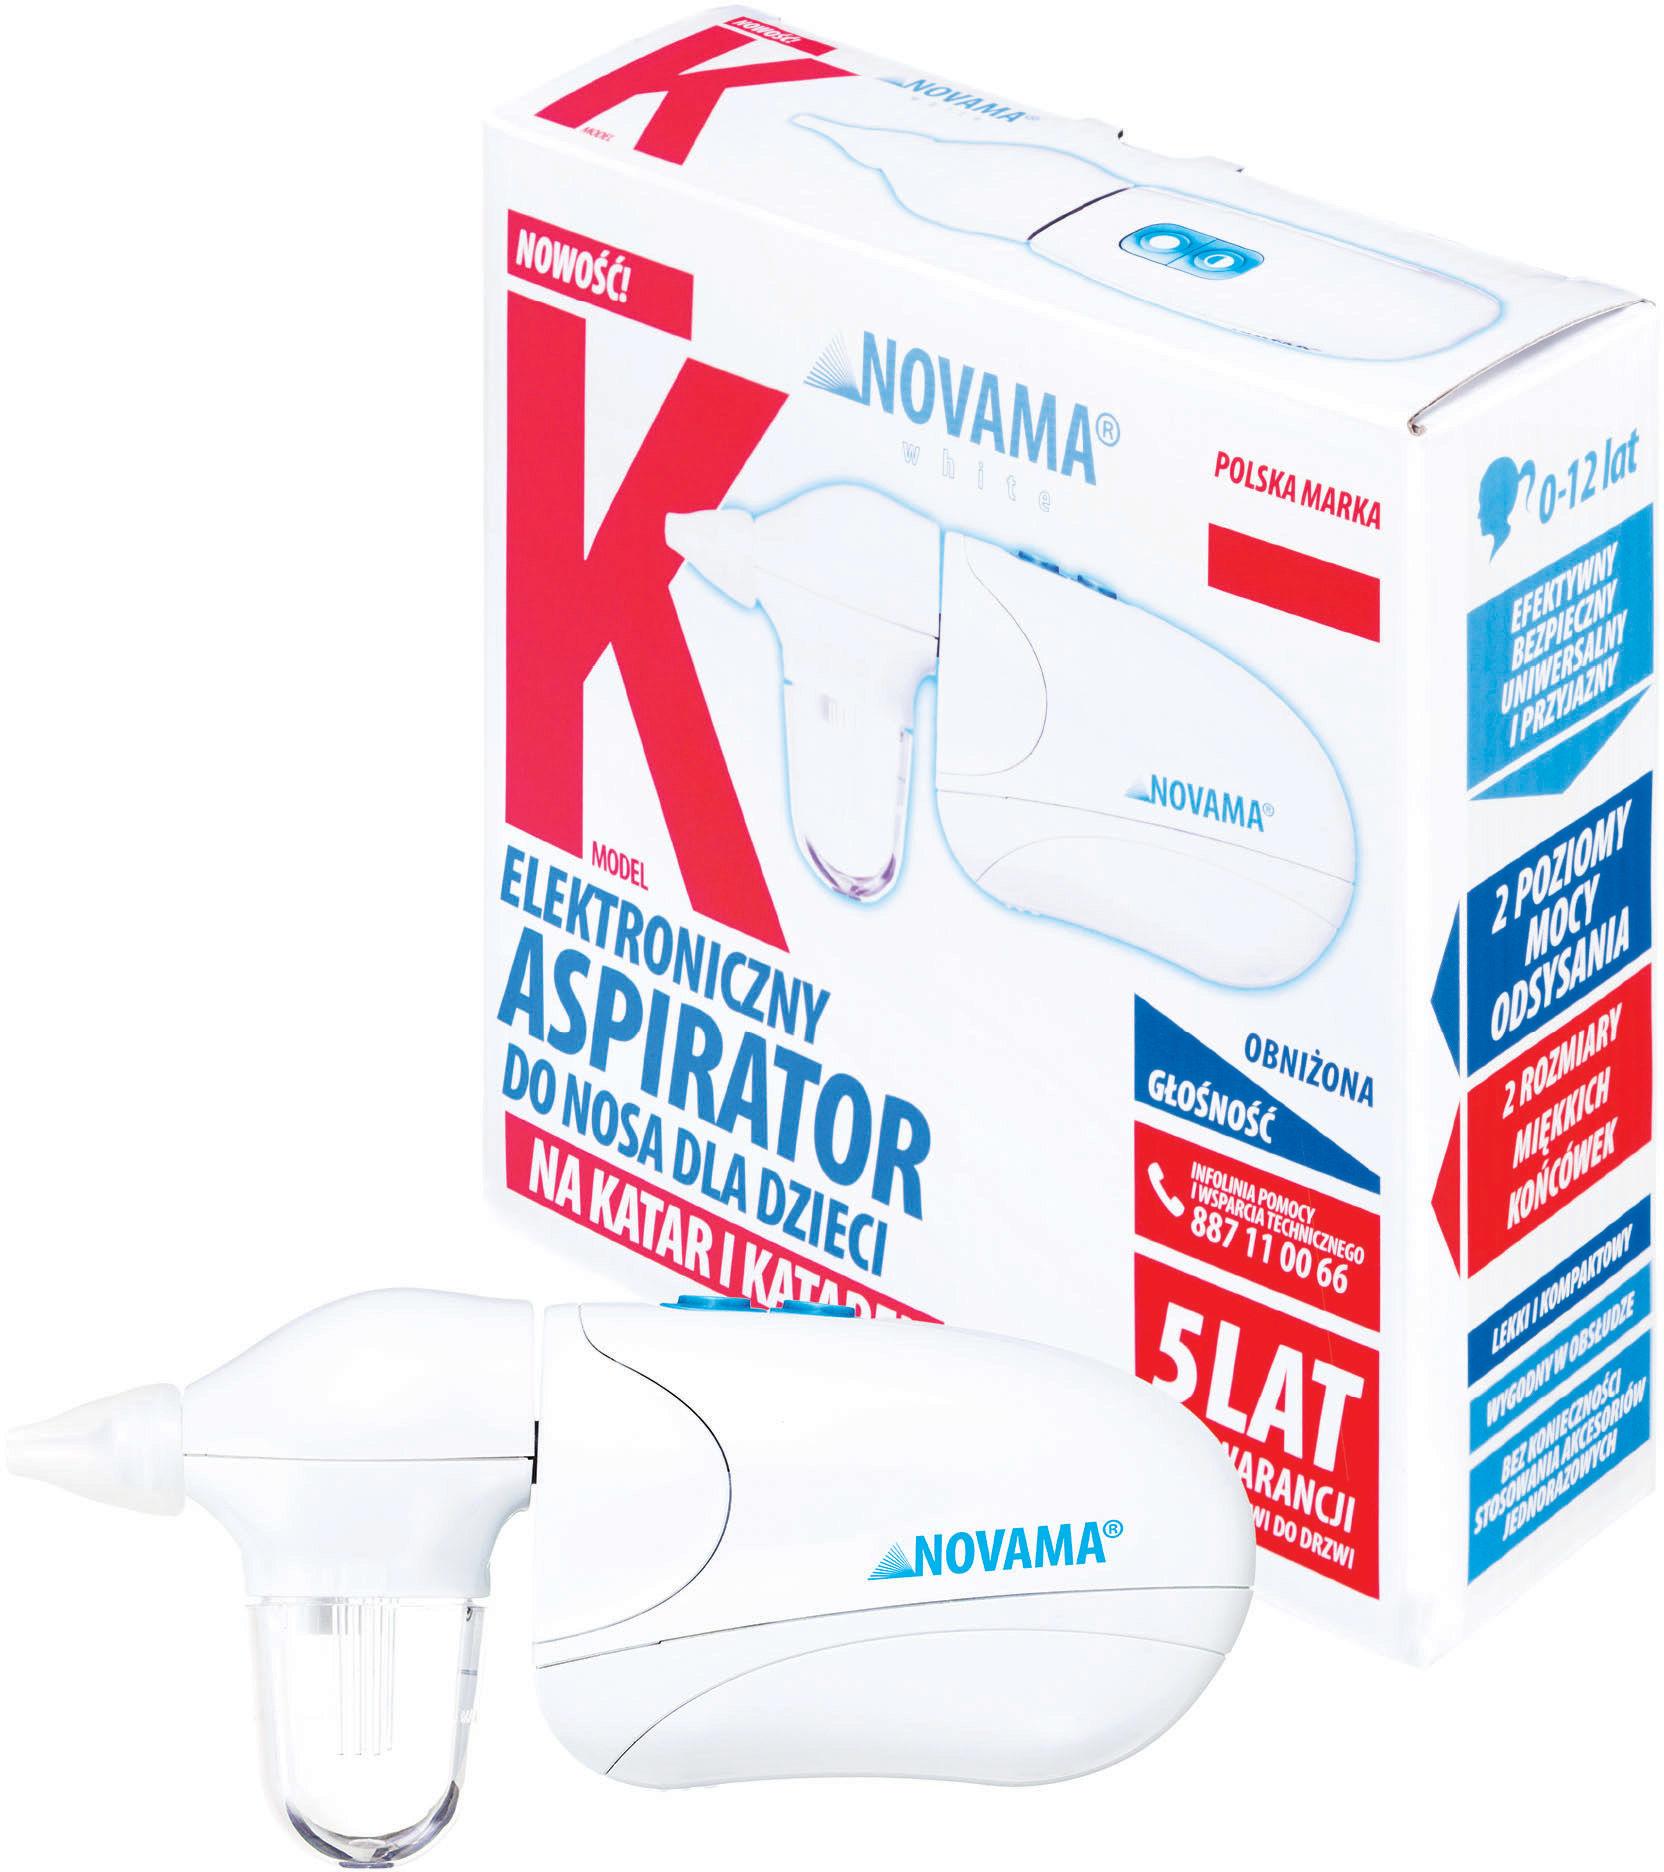 NOVAMA White K Aspirator do nosa na katar i katarek